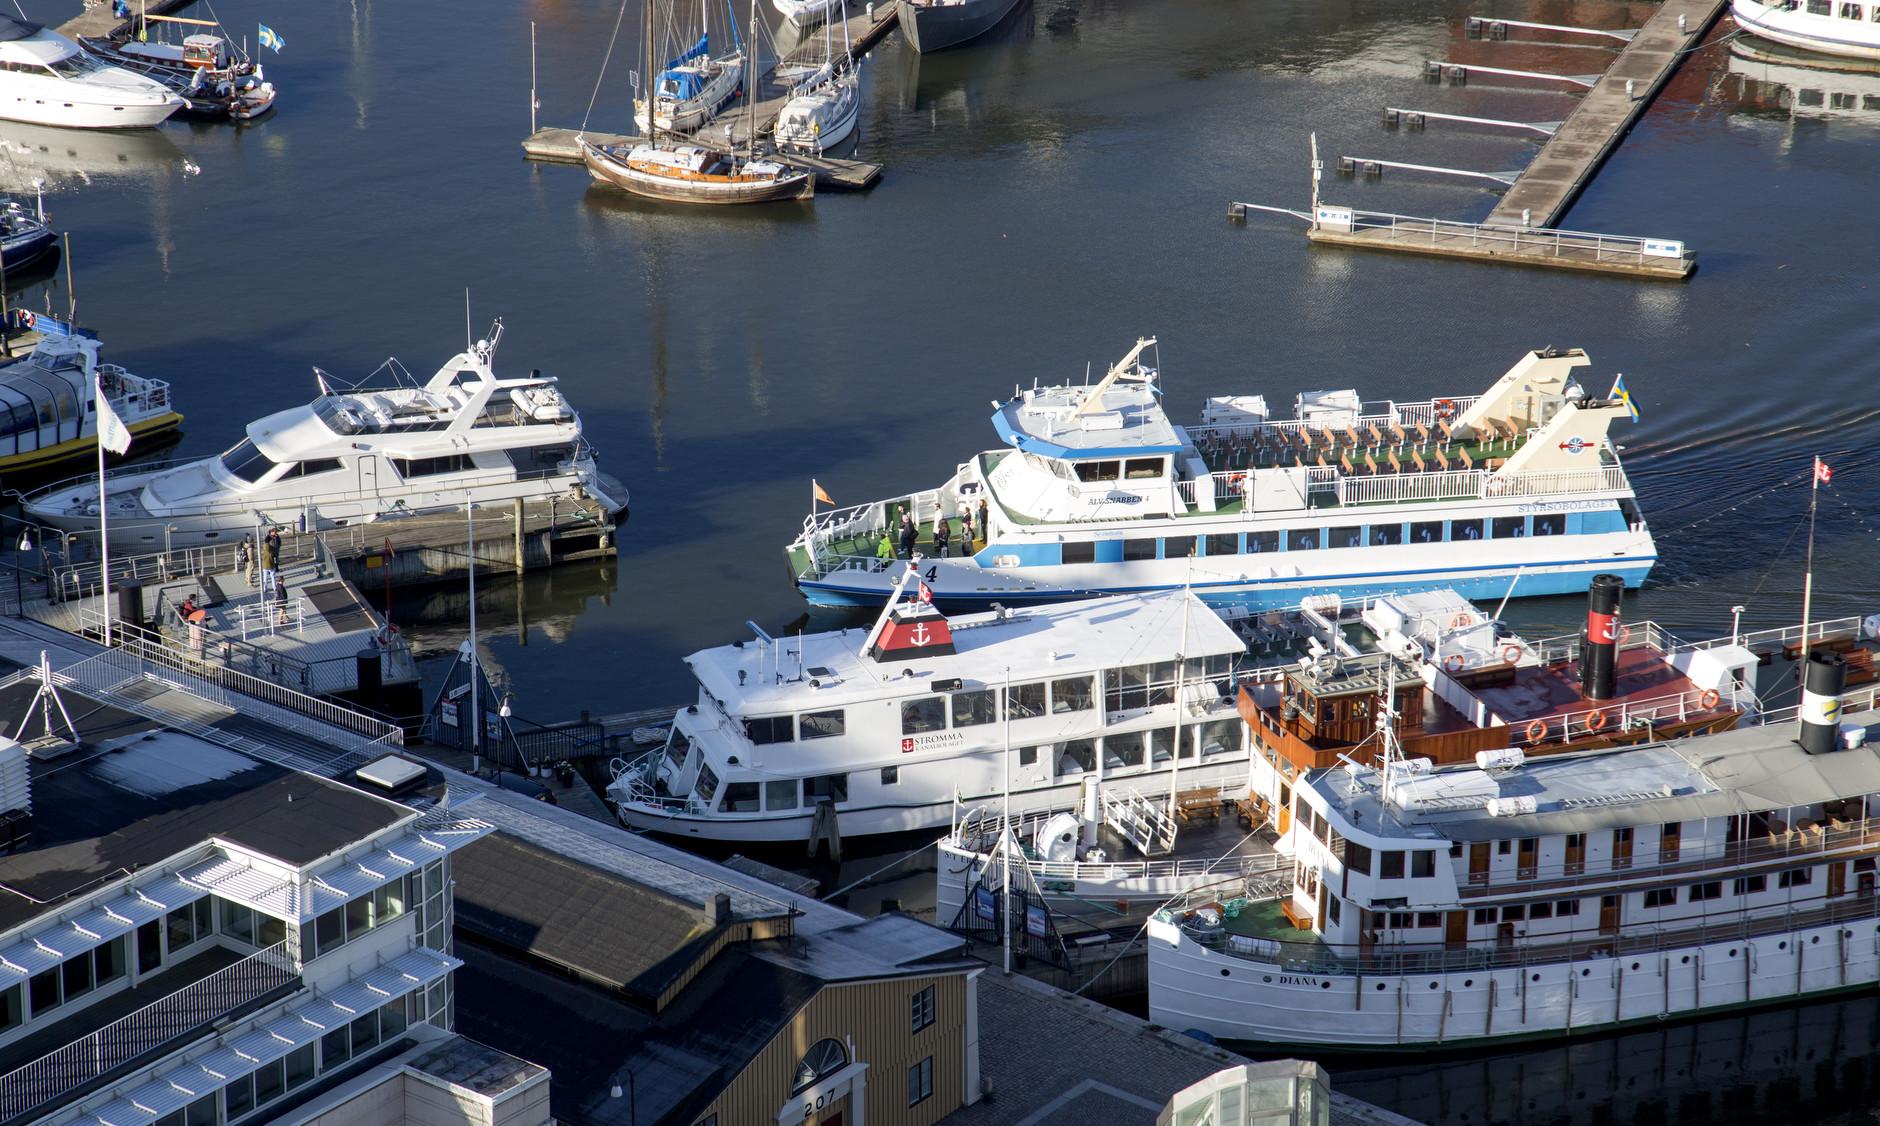 Passagerarbåtar vid Lilla Bommen i Göteborg